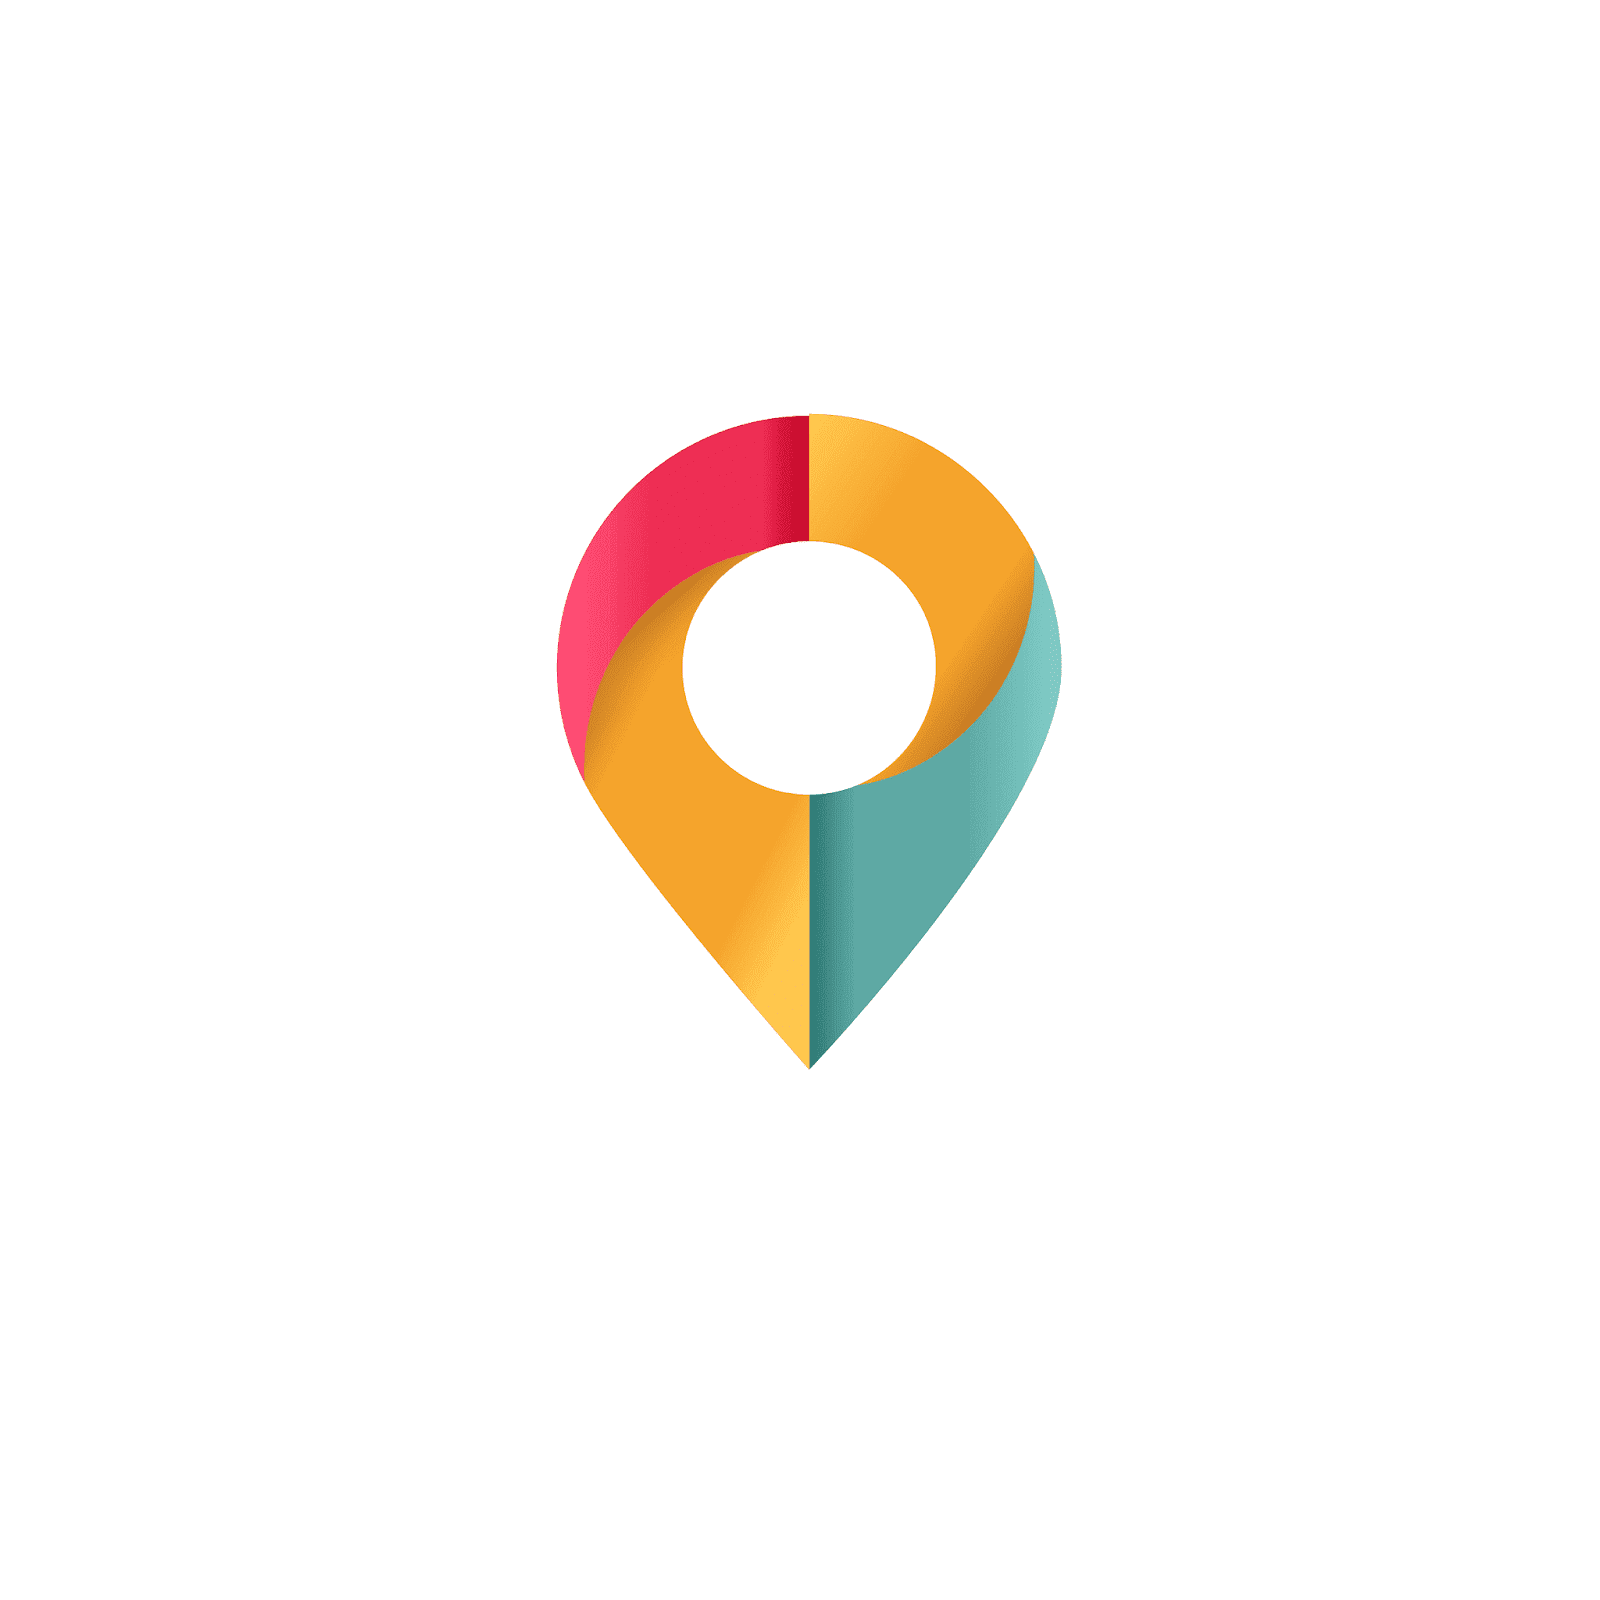 لوجو بدون اسم - Logo without name